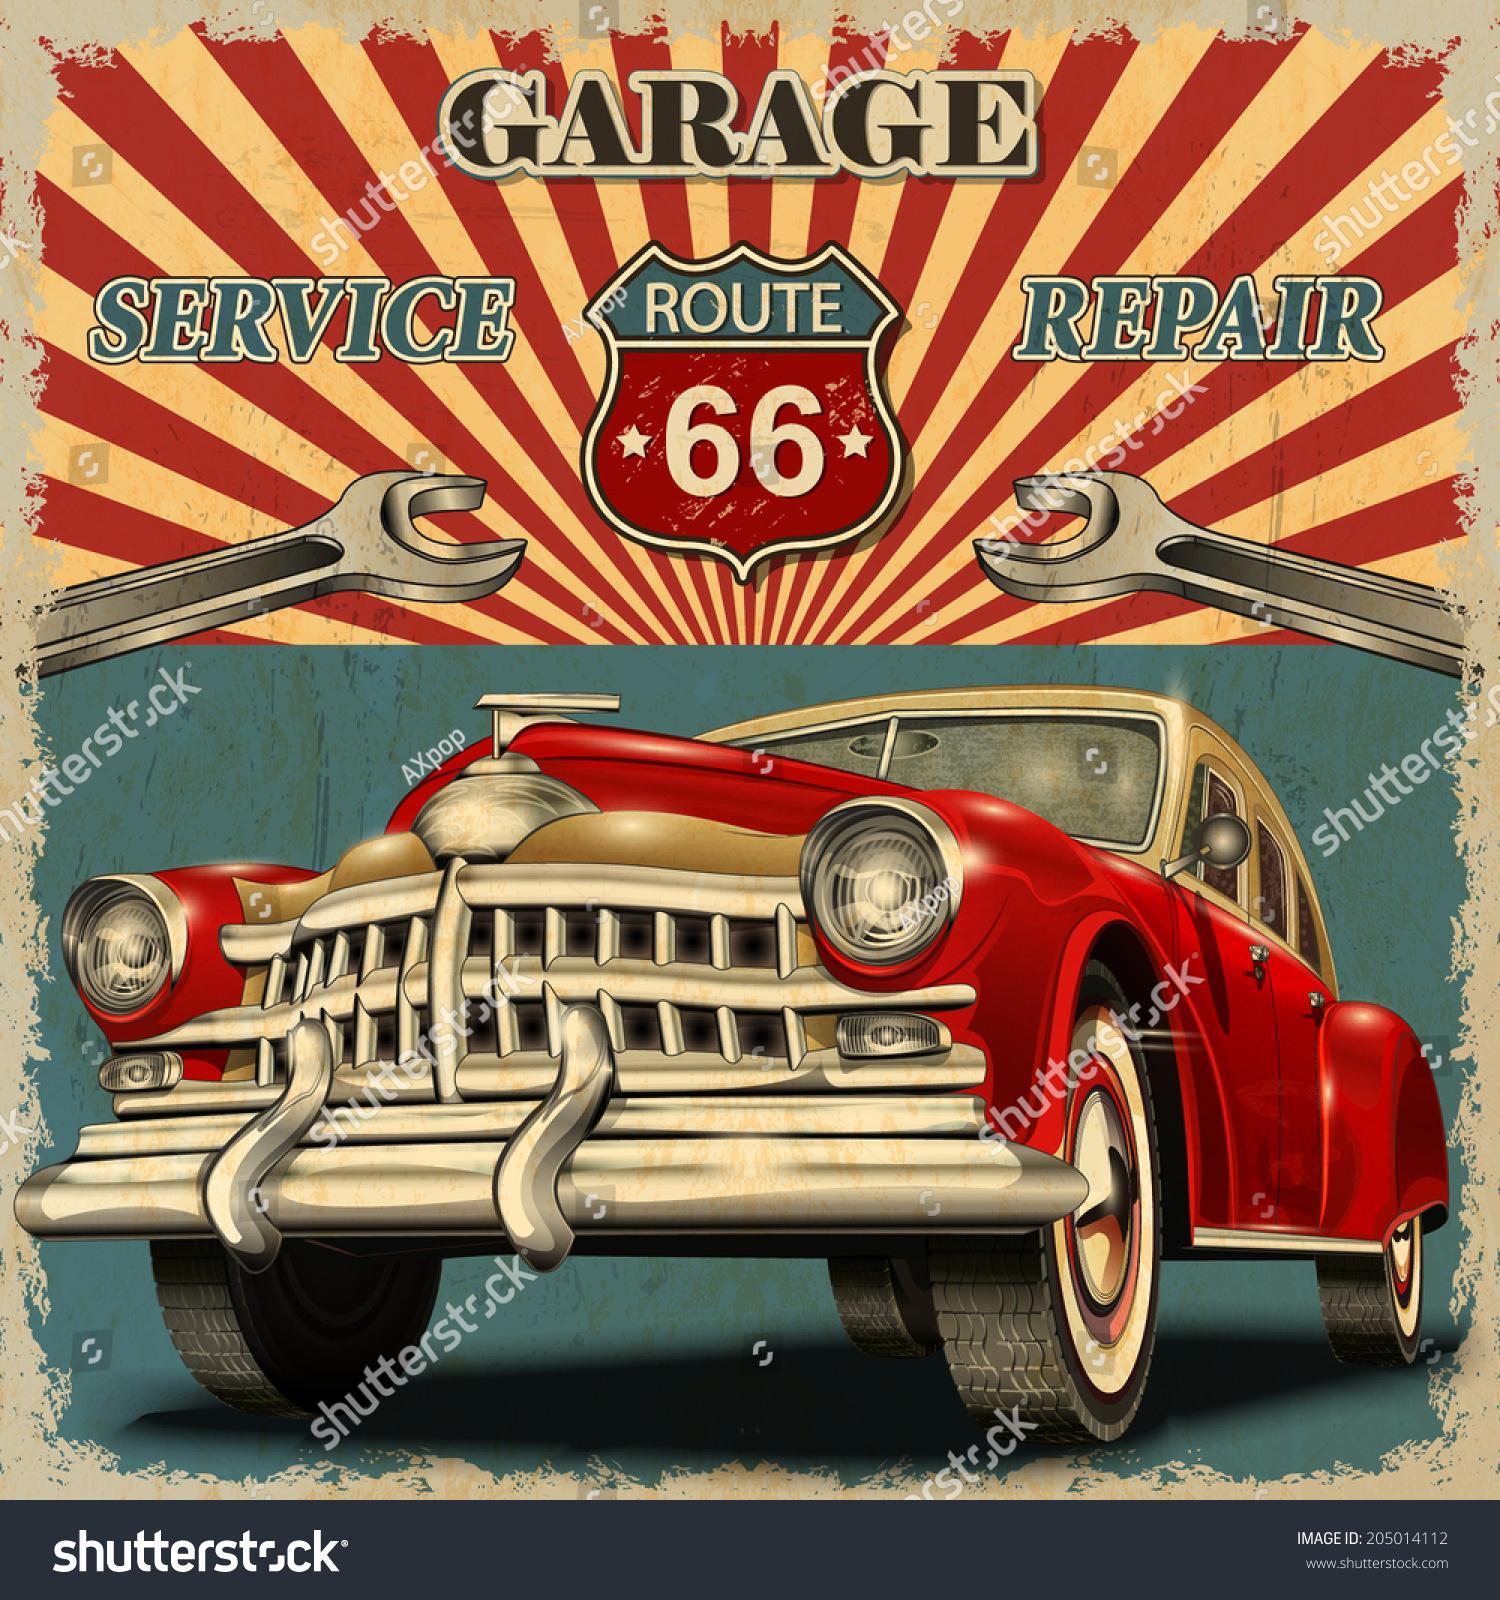 50s Classic Cars Wallpaper Vintage Garage Retro Poster Illustrazione Vettoriale D